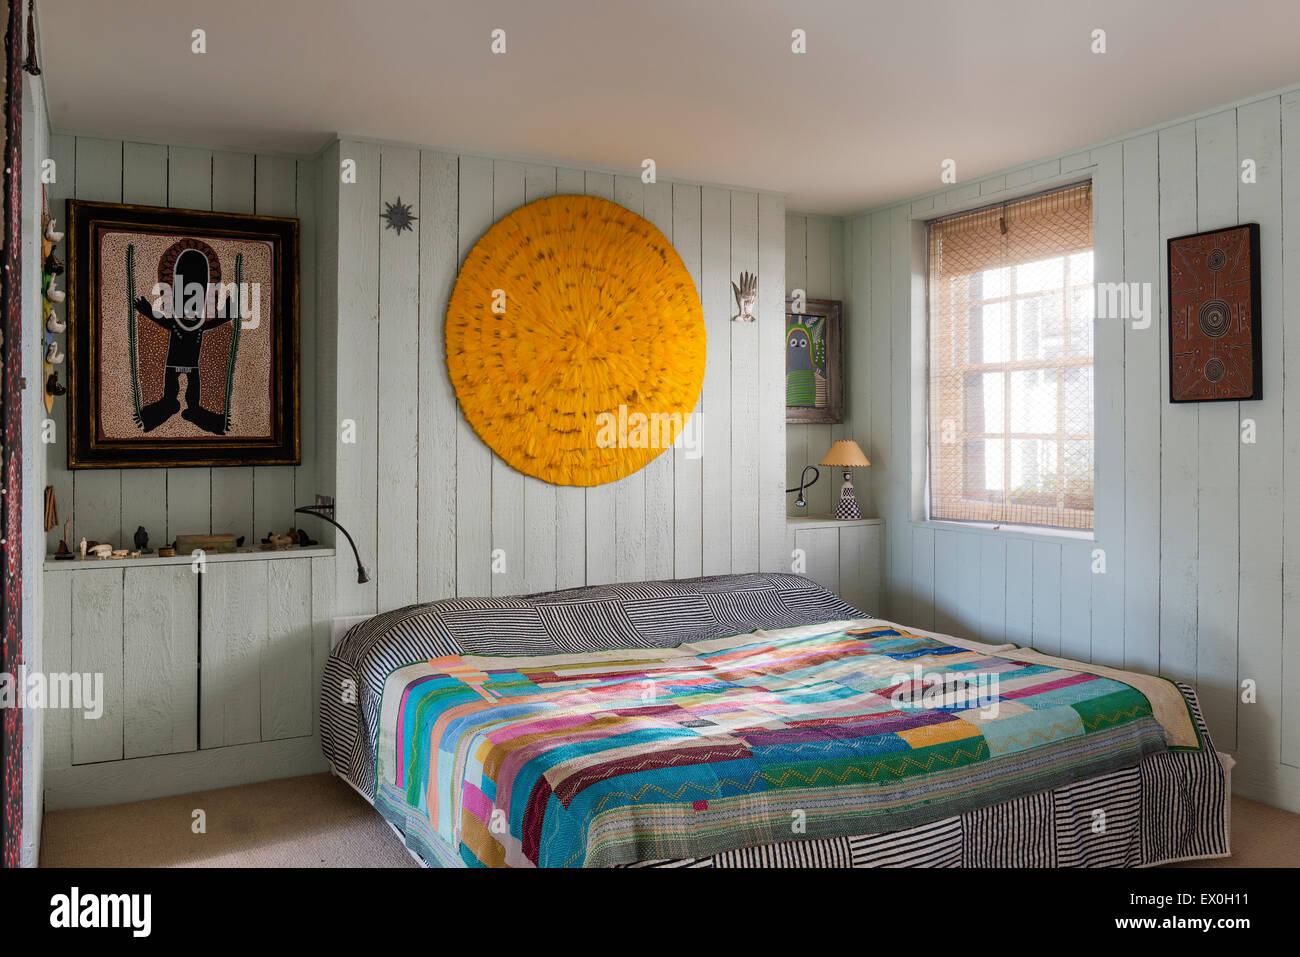 Charmant Eine Gelbe Feder Mandala Mit Malerei Von Aborigine Künstler David Downs Von  Set Designer Simon Costin über Dem Bett Im Schlafzimmer Gemacht.